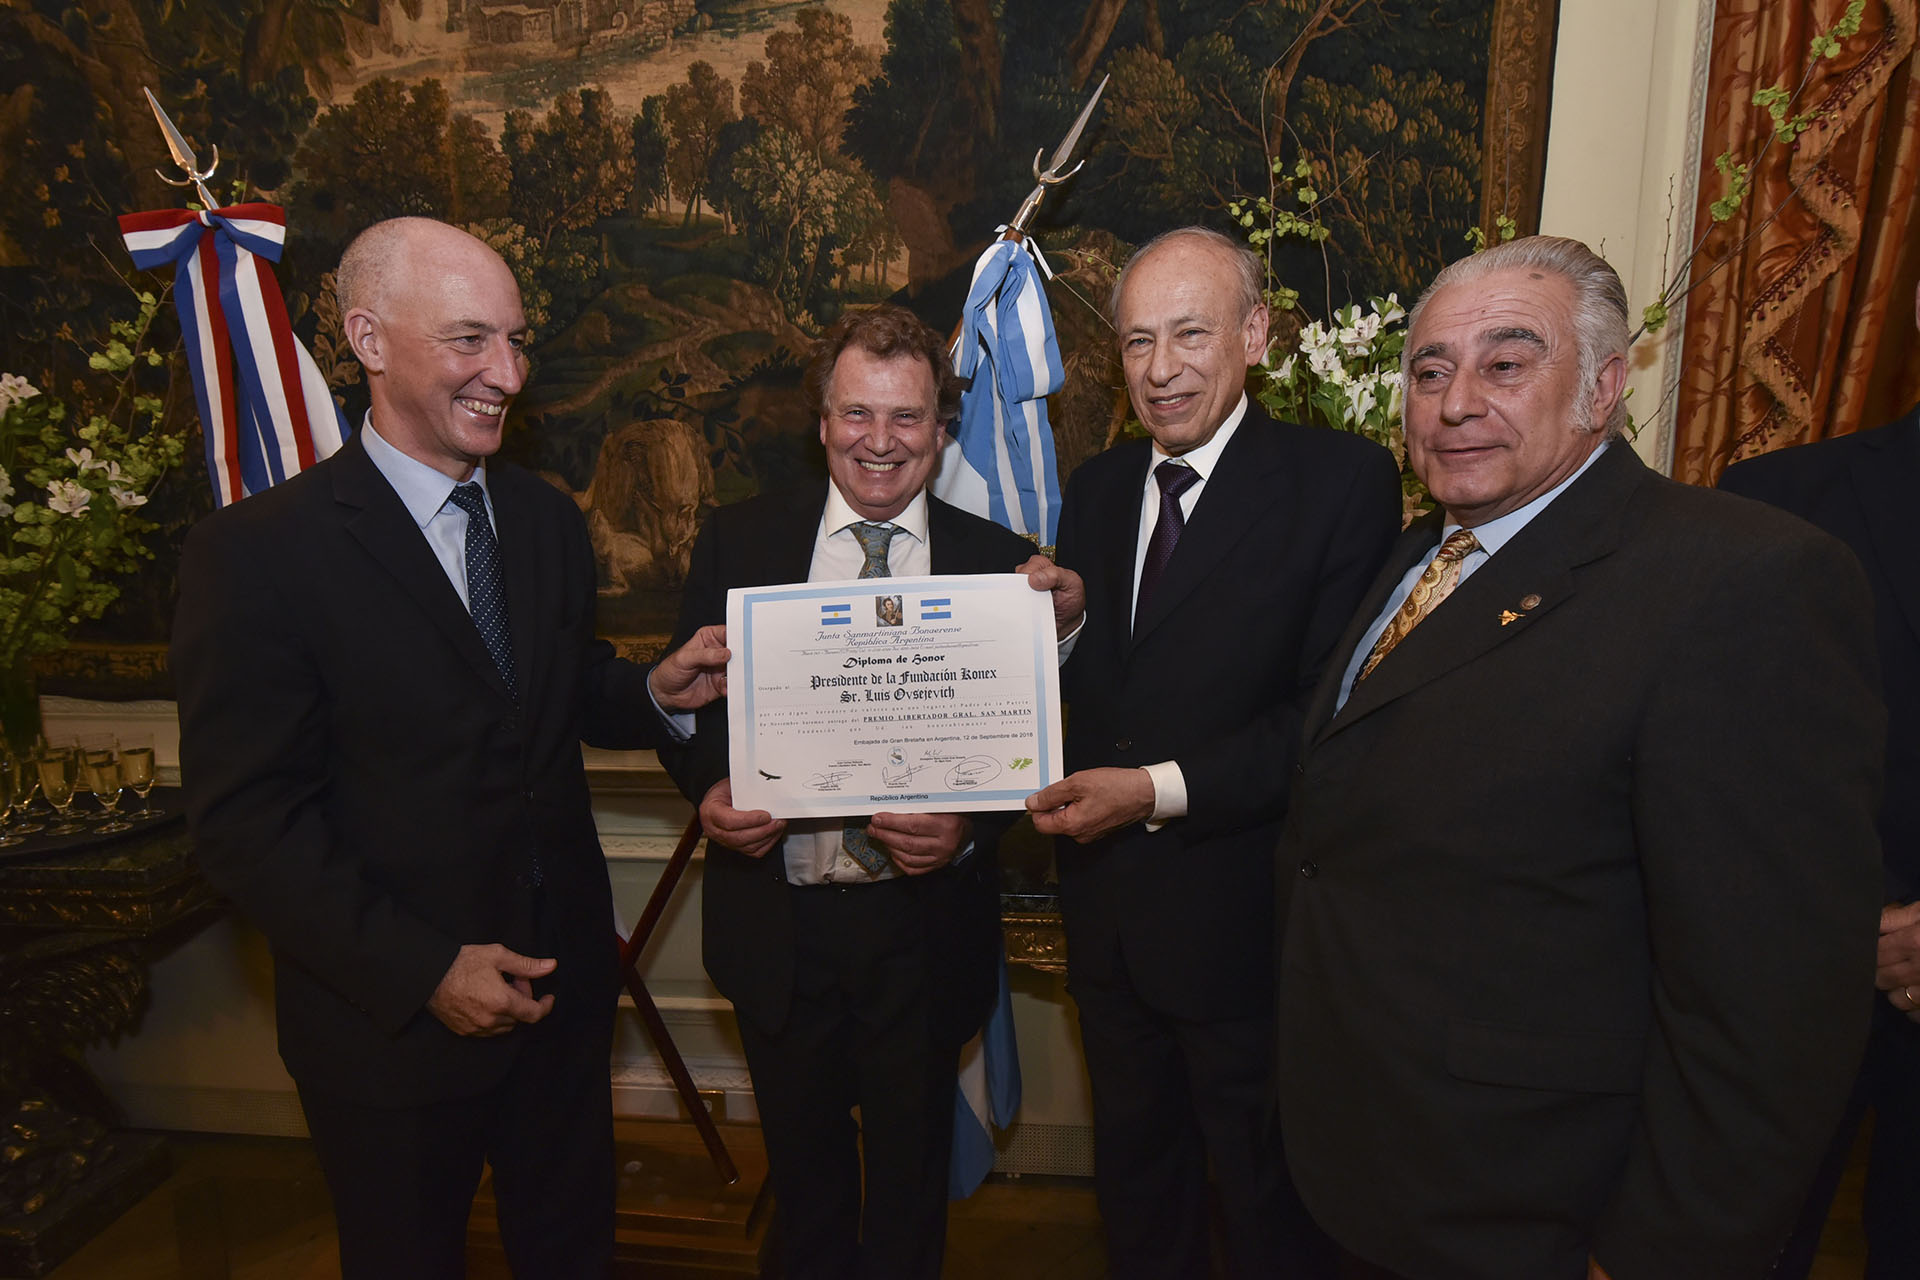 Luis Ovsejevich recibiendo el diploma de honor de la Junta Sanmartiniana Bonaerense